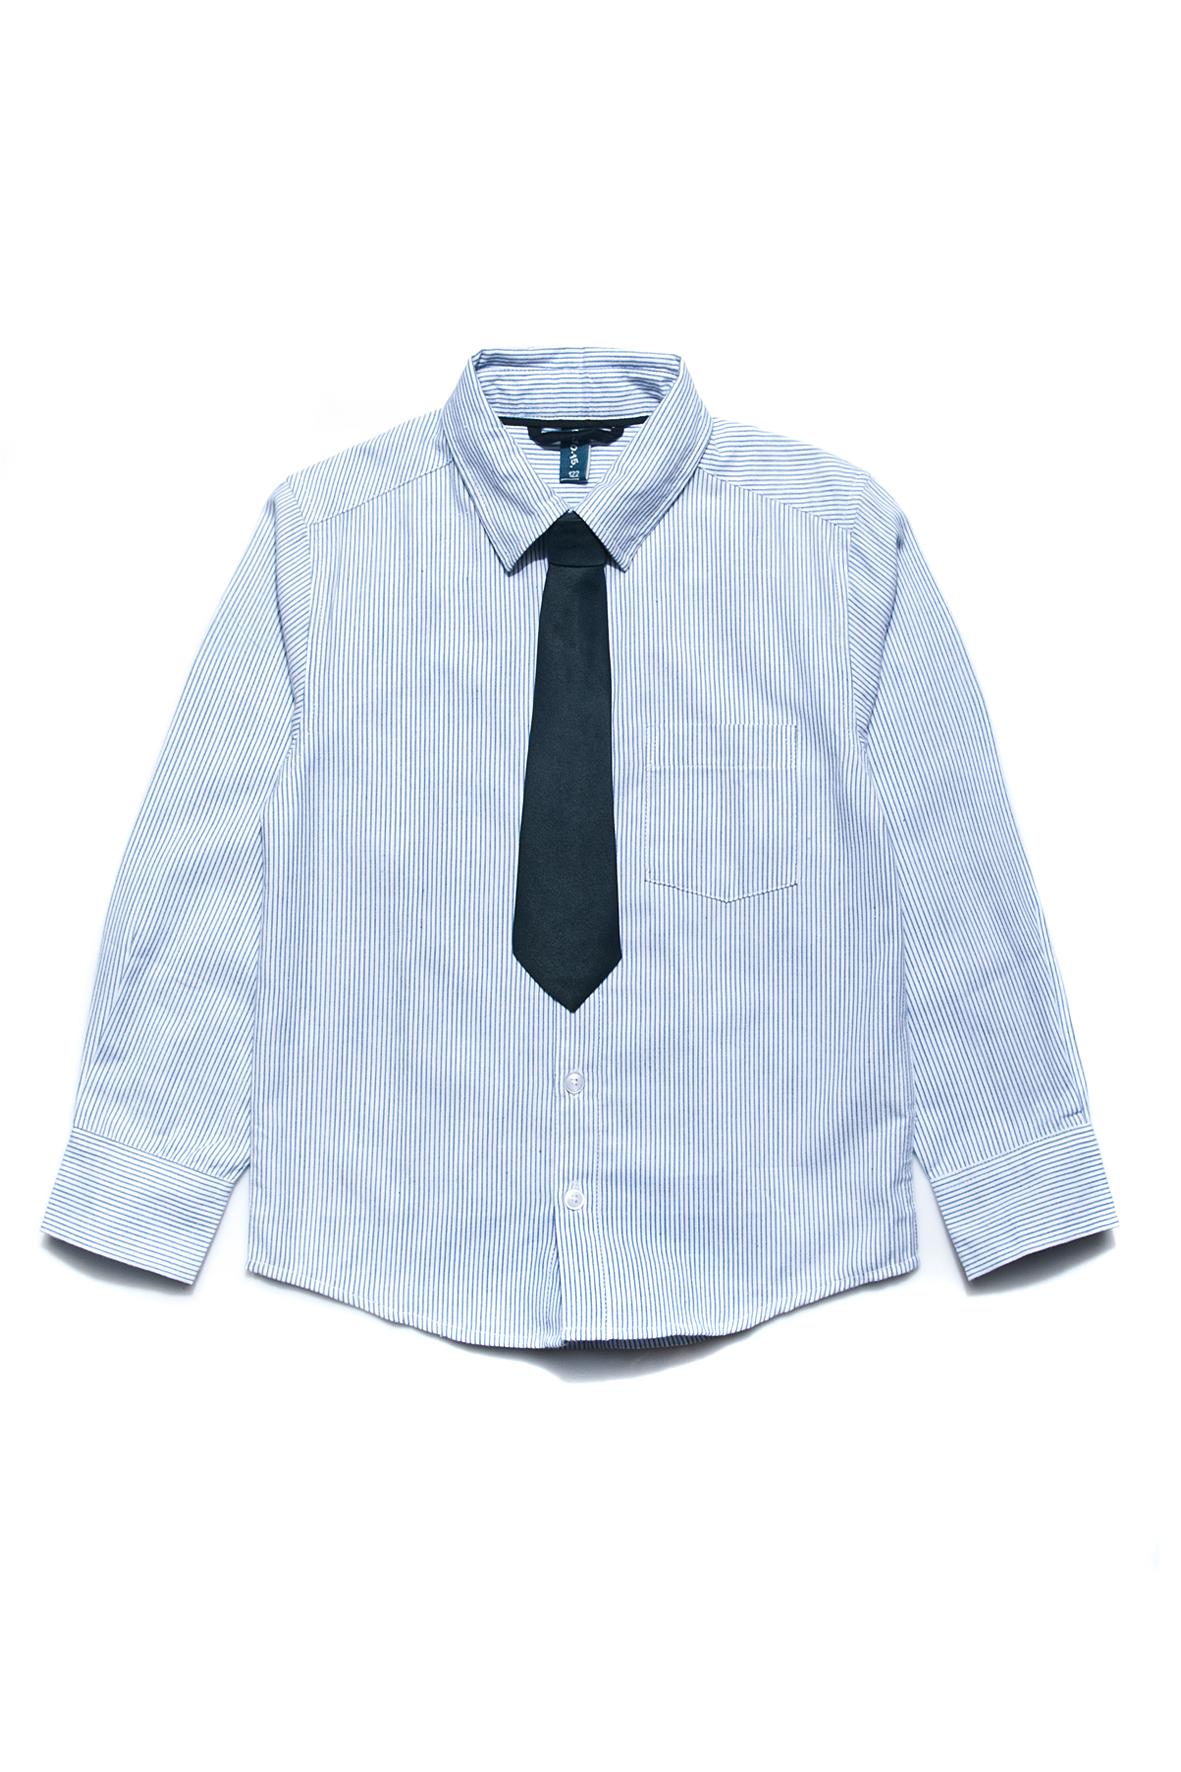 Elegancka koszula chłopięca w paski (źródło: www.51015kids.eu)